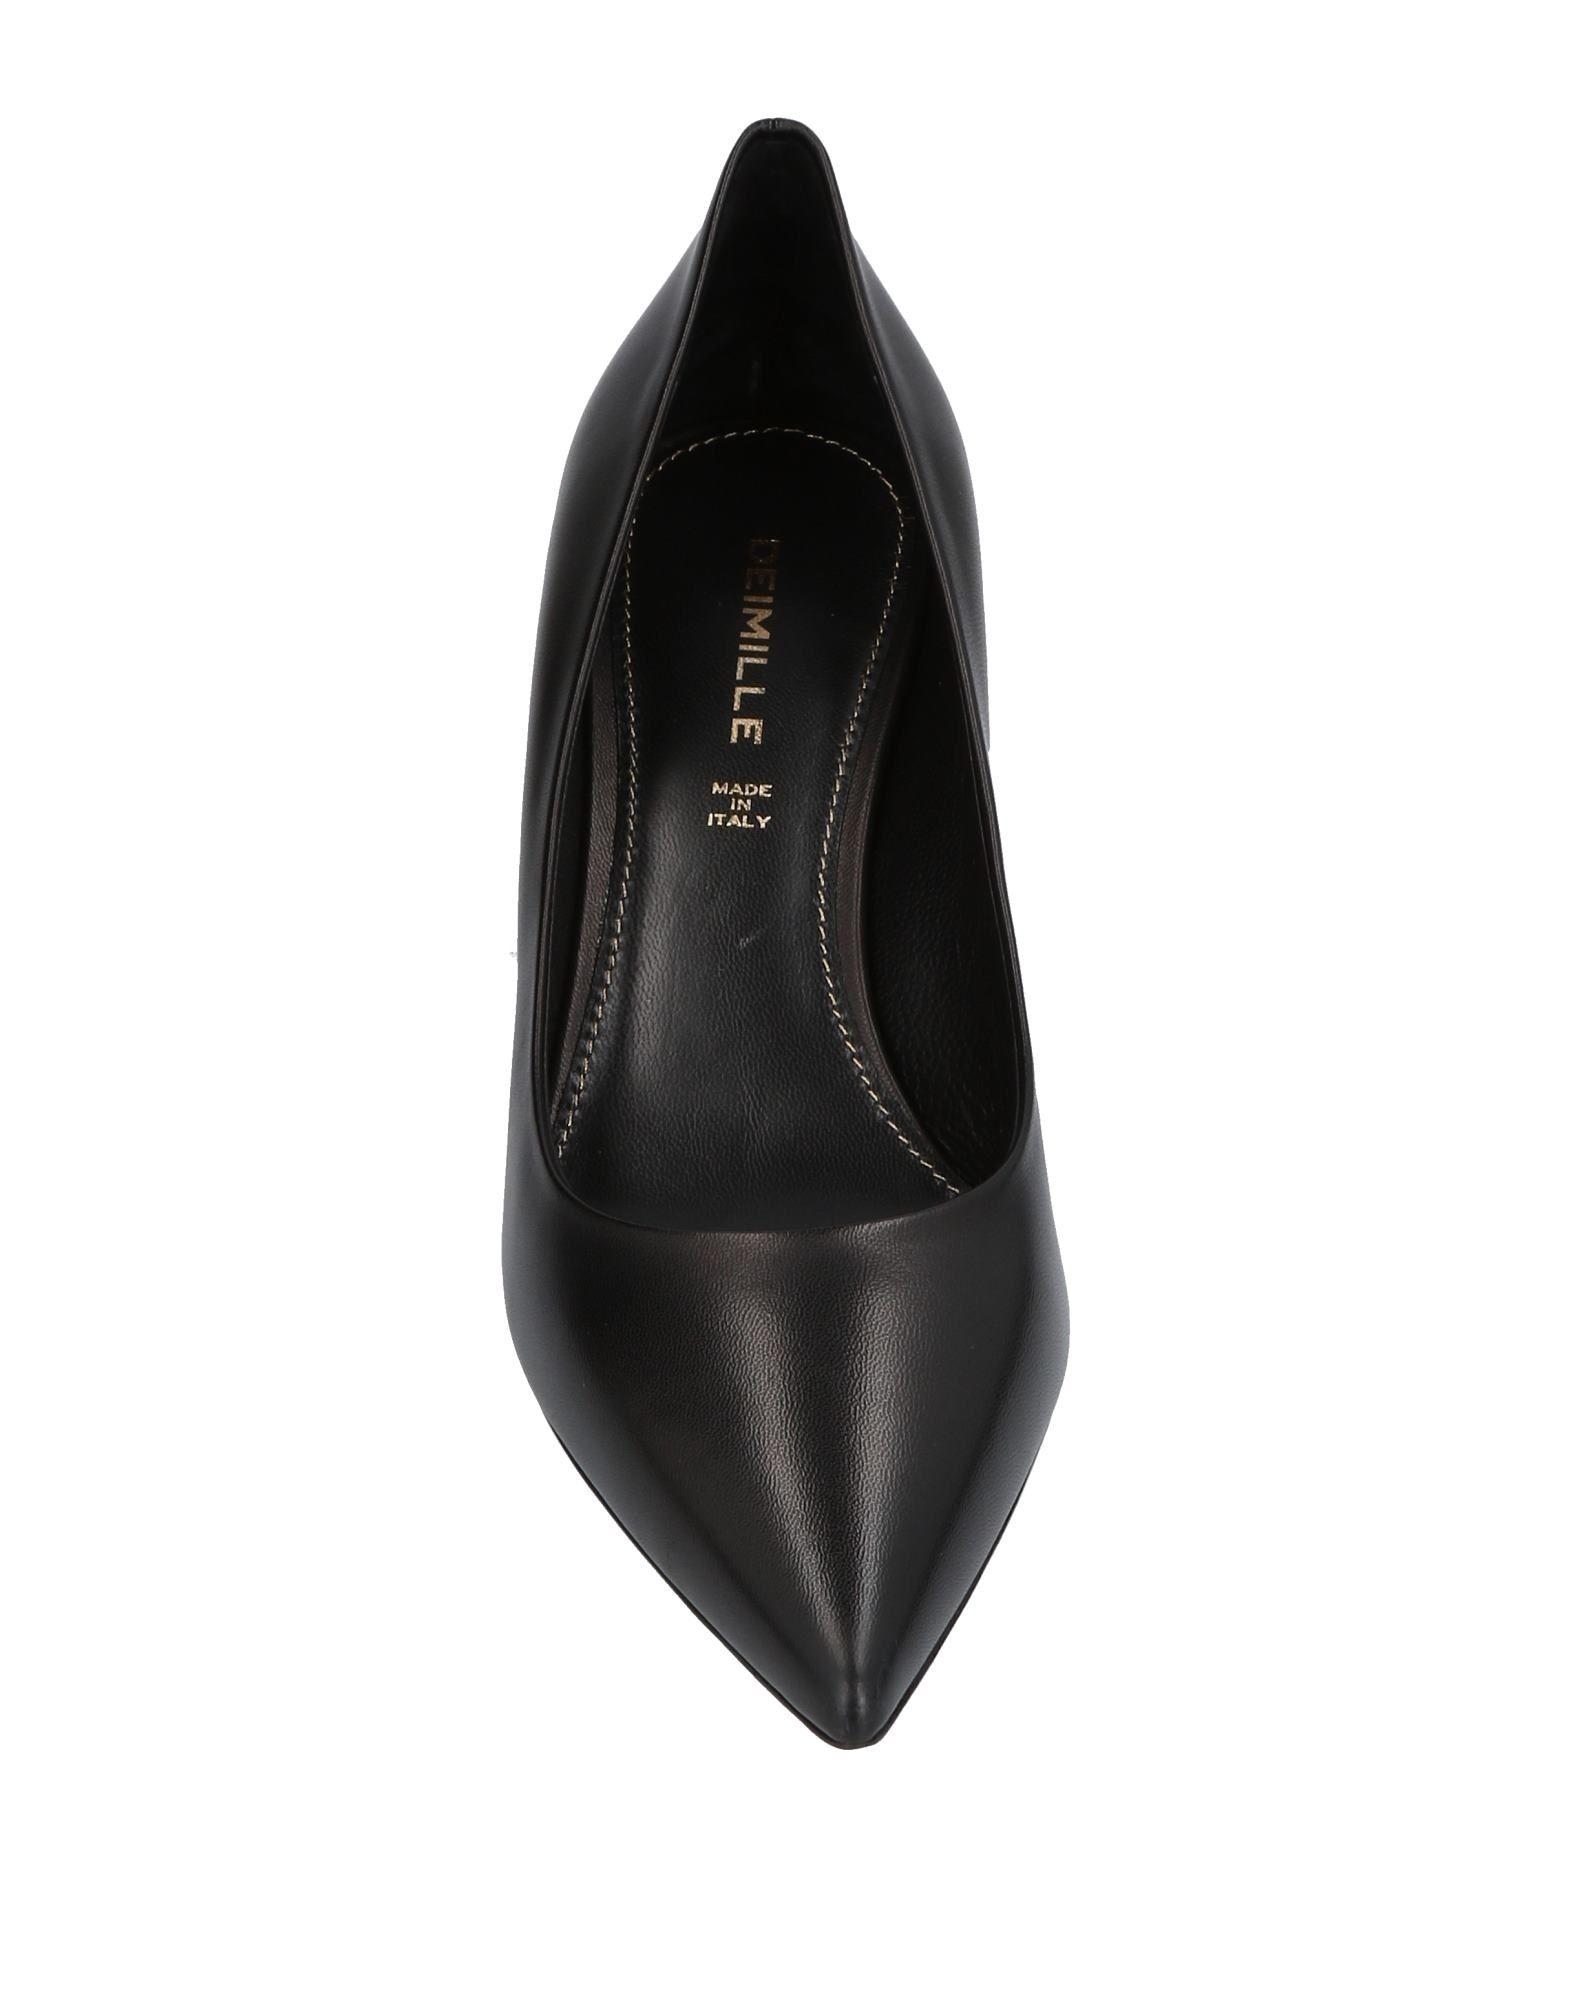 Stilvolle Stilvolle Stilvolle billige Schuhe Deimille Pumps Damen  11459360OU 458194